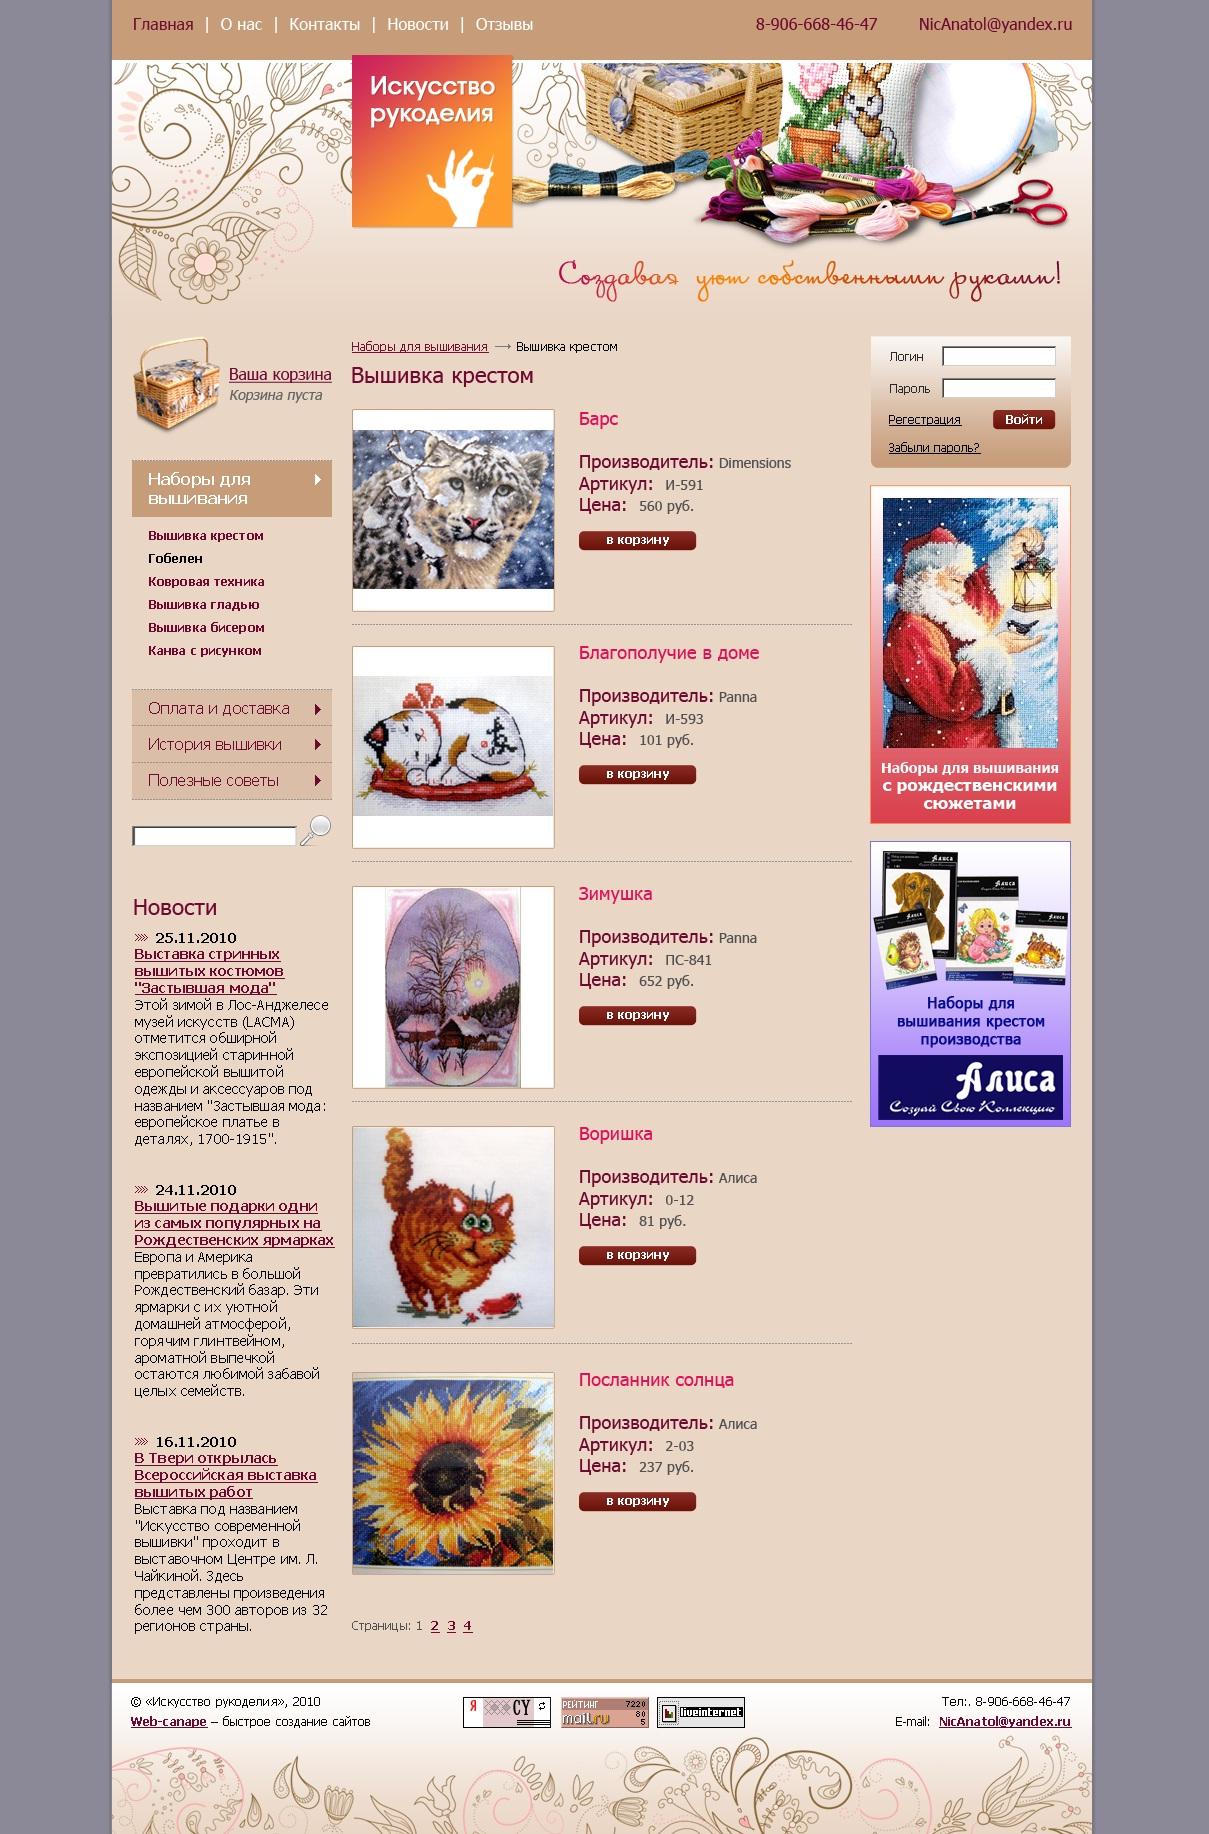 коммерческое предложение для интернет магазинов образец